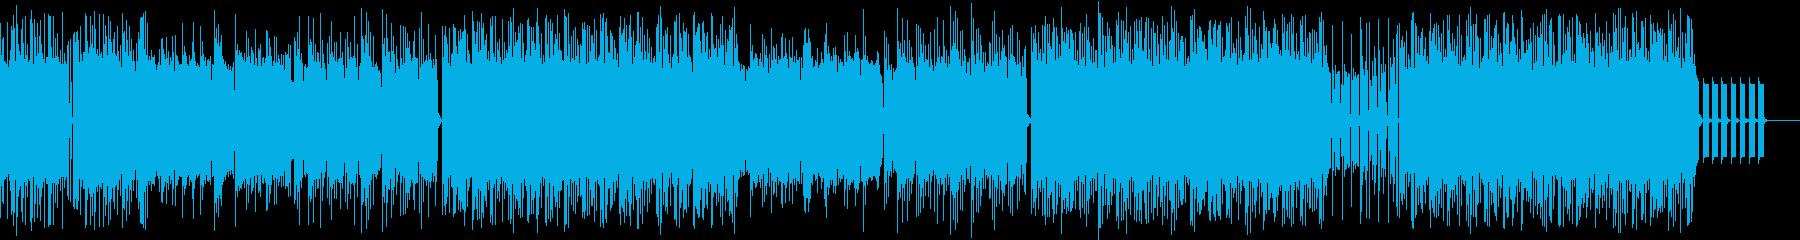 色っぽい/ヒップホップ/動画向き/#2の再生済みの波形